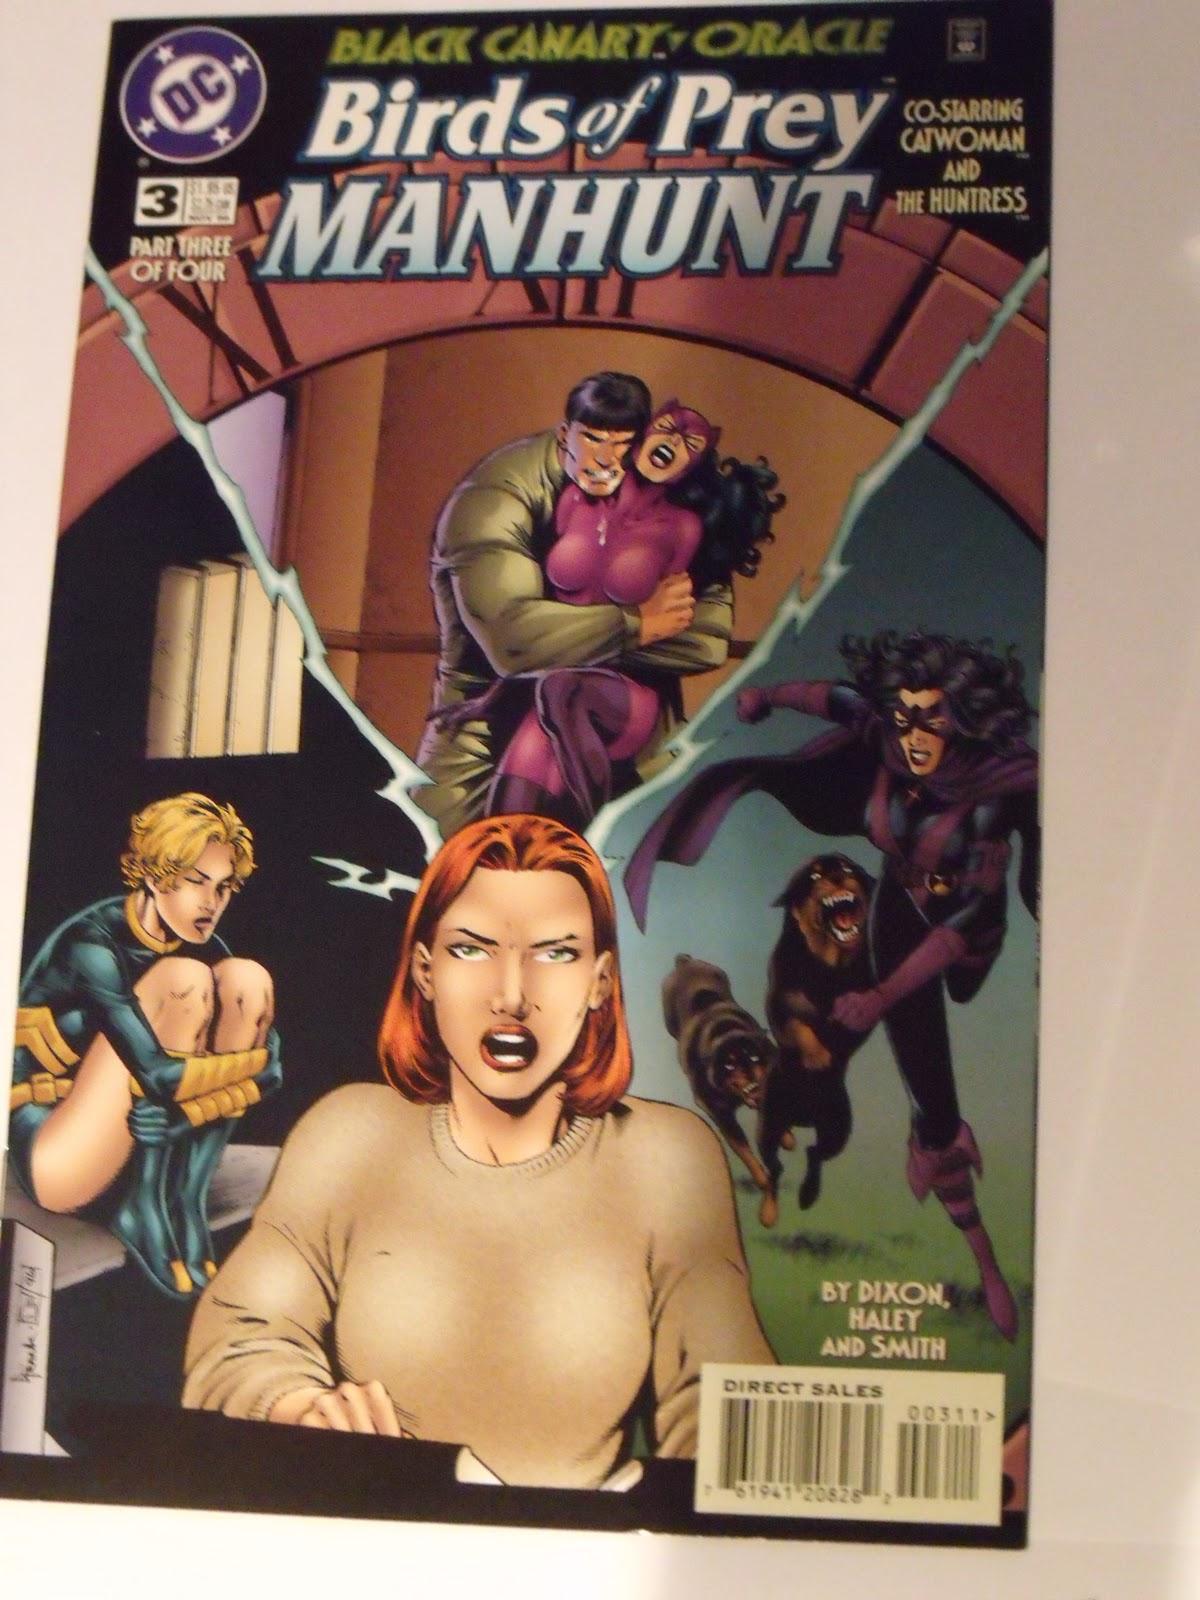 http://4.bp.blogspot.com/_U6Nnq7-TD5M/TNcyNGyCTZI/AAAAAAAAAF4/krXtm7qMS1w/s1600/comics+5+Nov+10+008.JPG